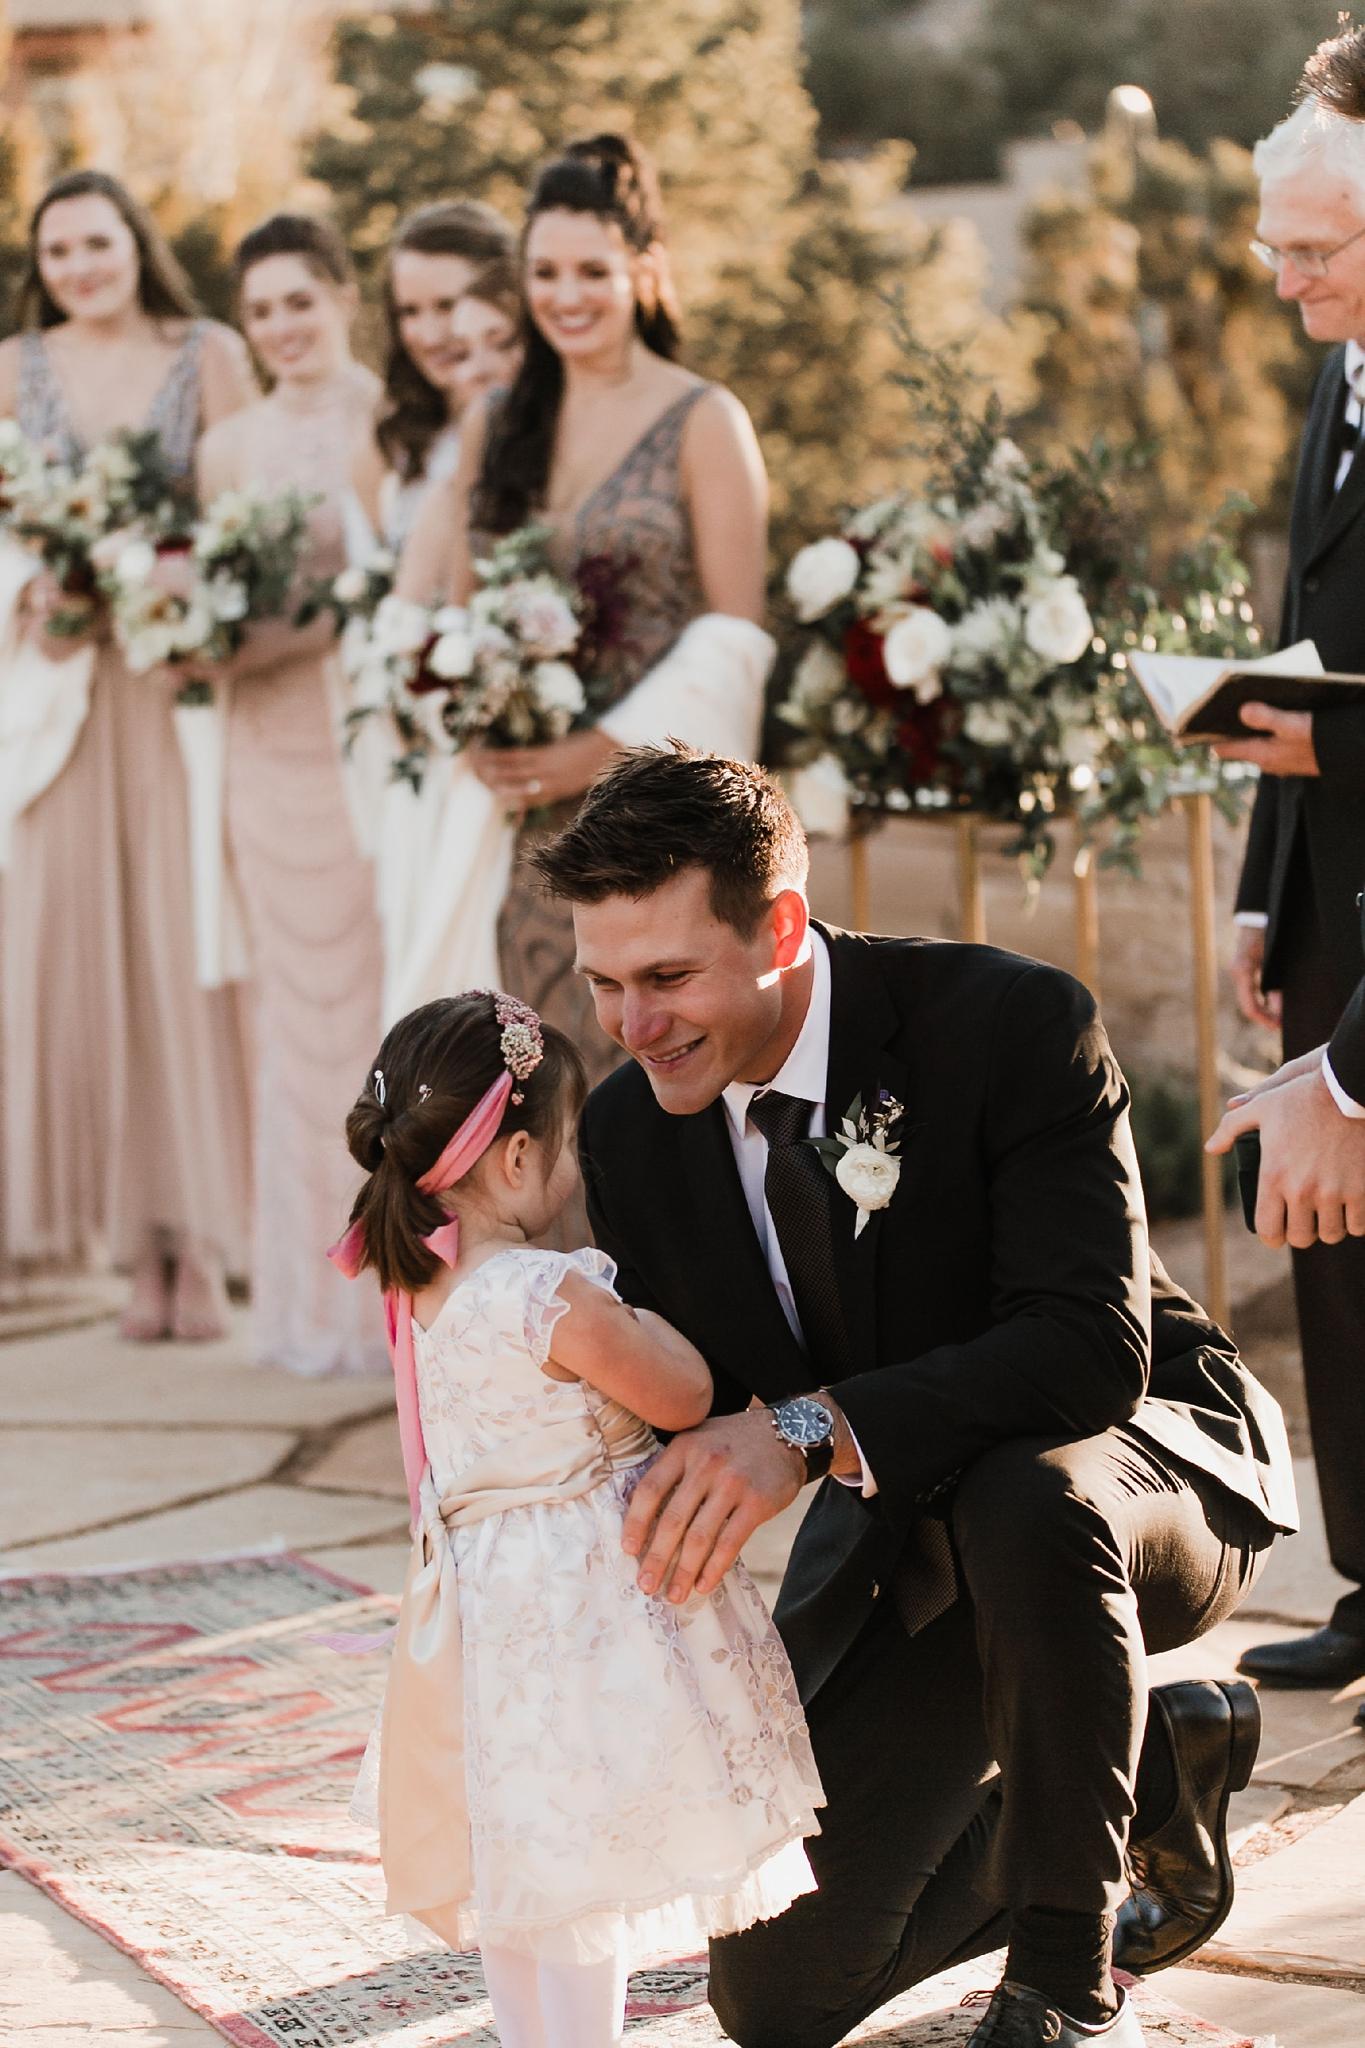 Alicia+lucia+photography+-+albuquerque+wedding+photographer+-+santa+fe+wedding+photography+-+new+mexico+wedding+photographer+-+new+mexico+wedding+-+santa+fe+wedding+-+four+seasons+wedding+-+winter+wedding_0047.jpg